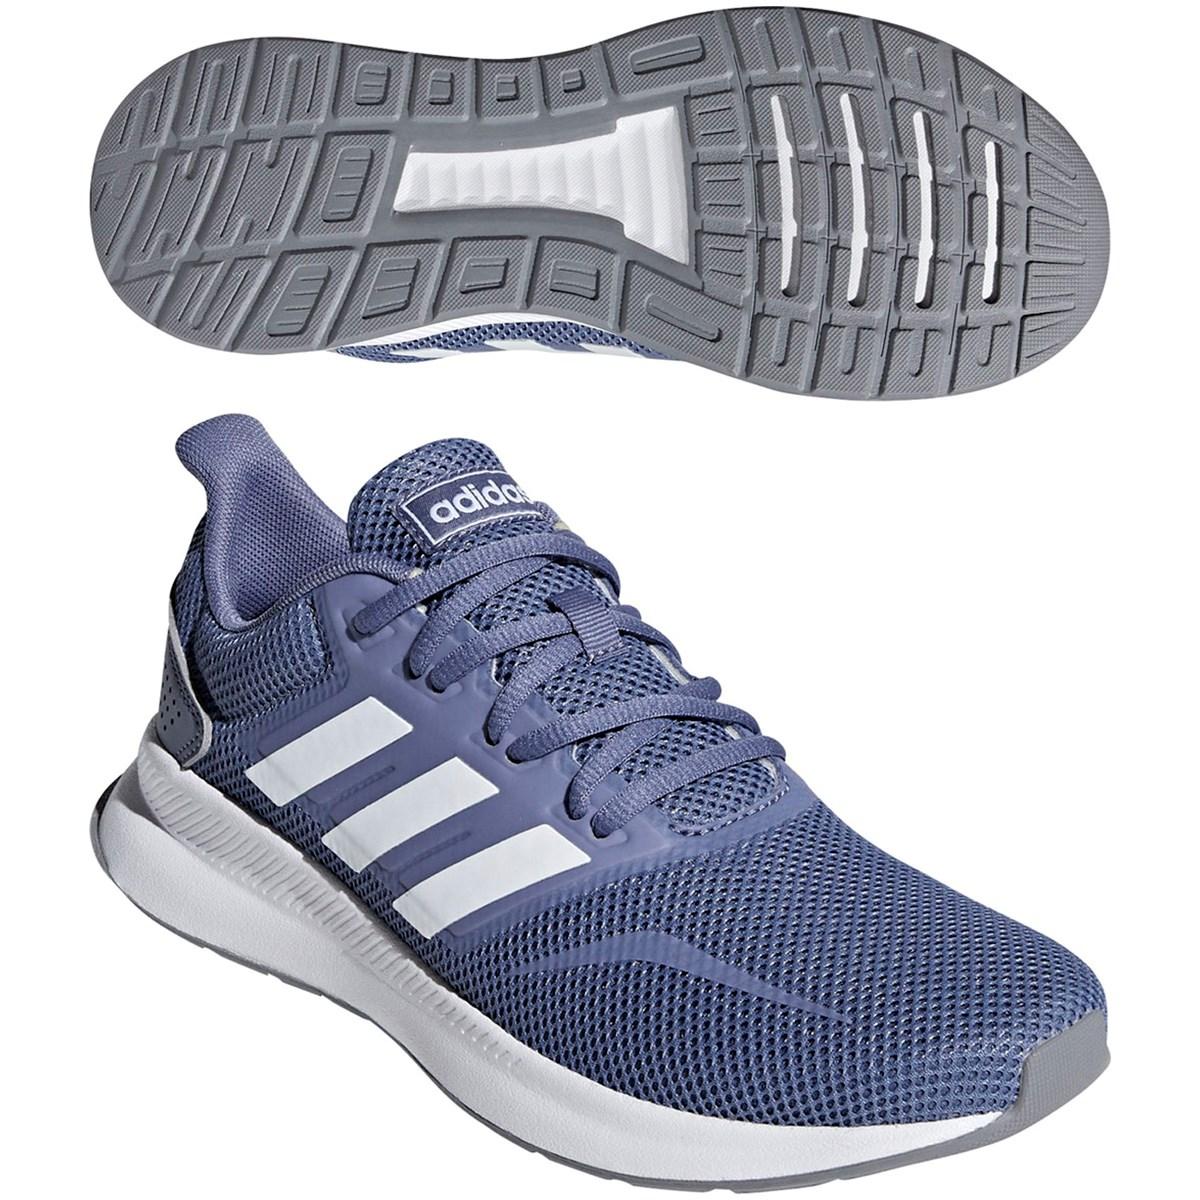 アディダス(adidas) FALCONRUN W シューズレディス